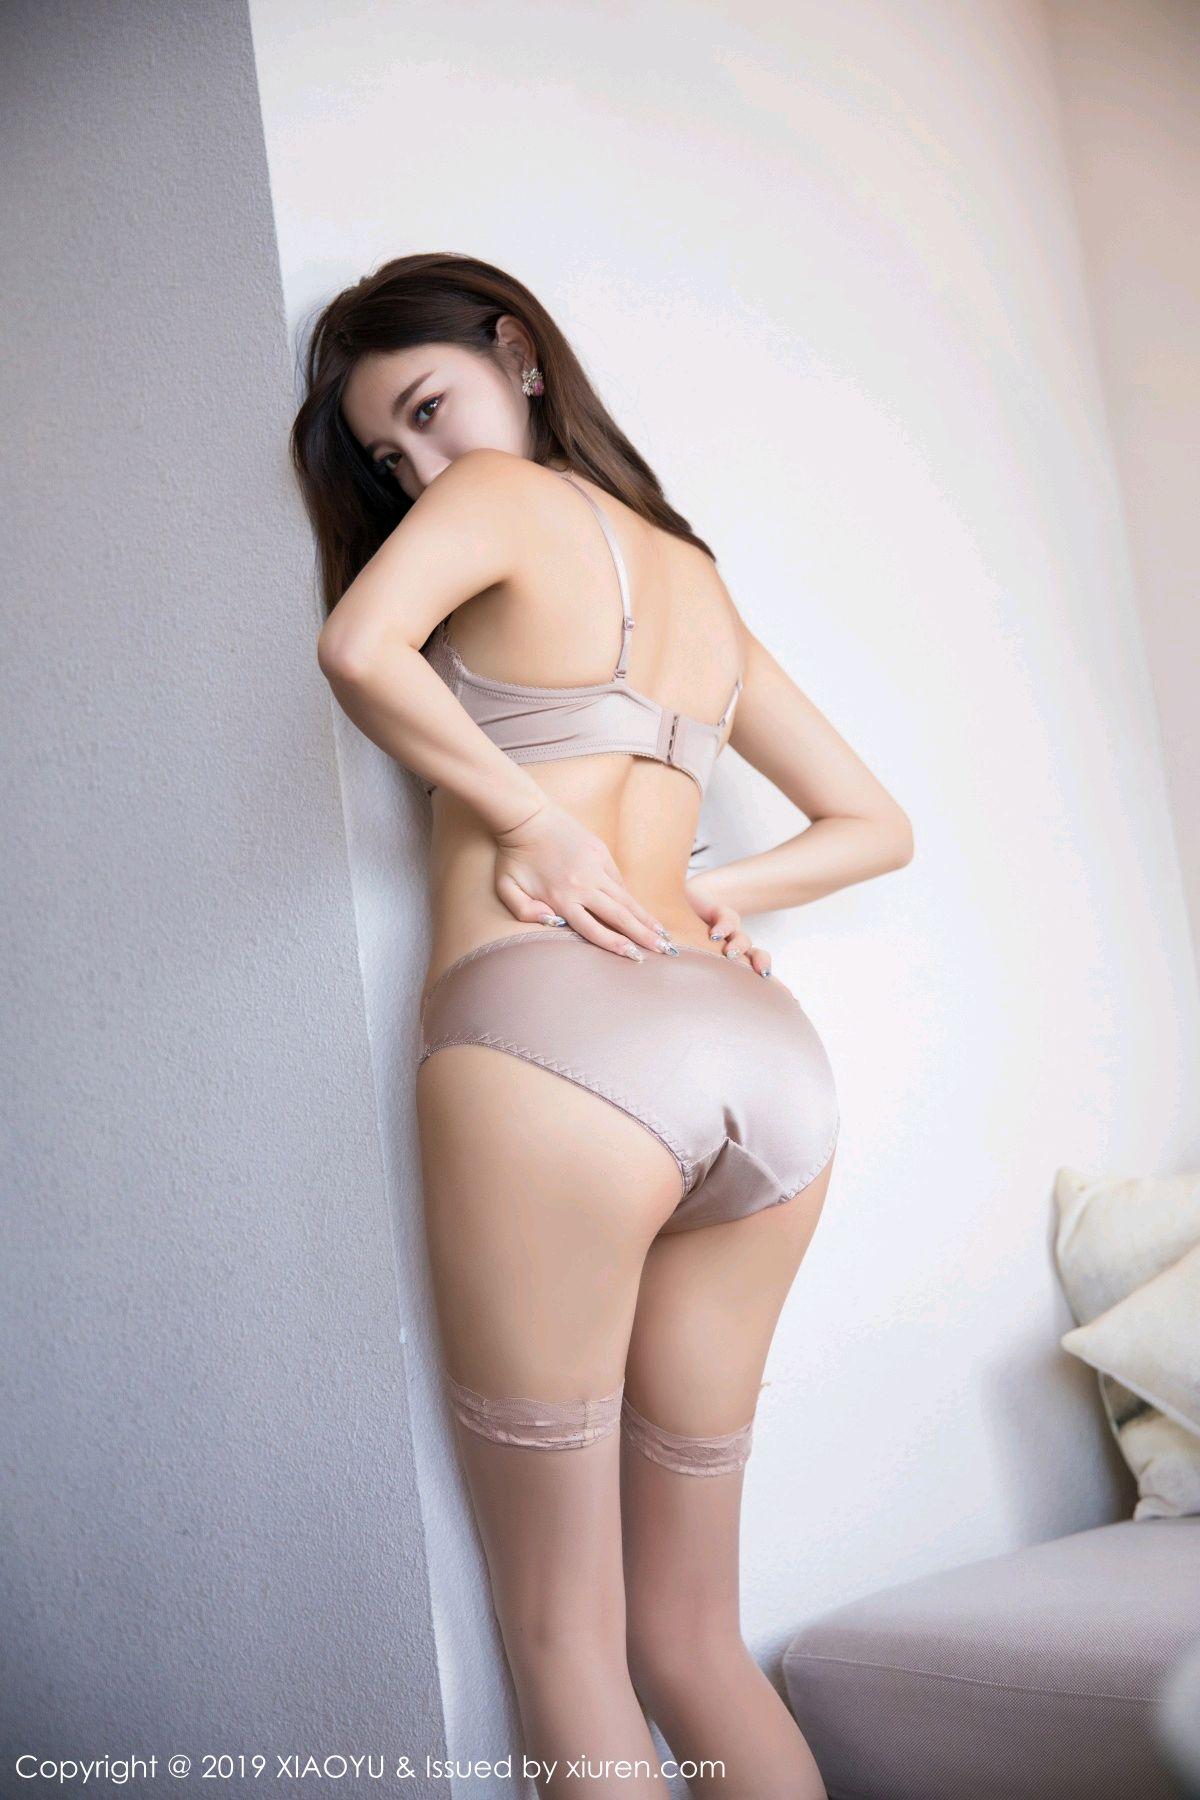 [XiaoYu] Vol.067 Yang Chen Chen 37P, Beach, Underwear, XiaoYu, Yang Chen Chen